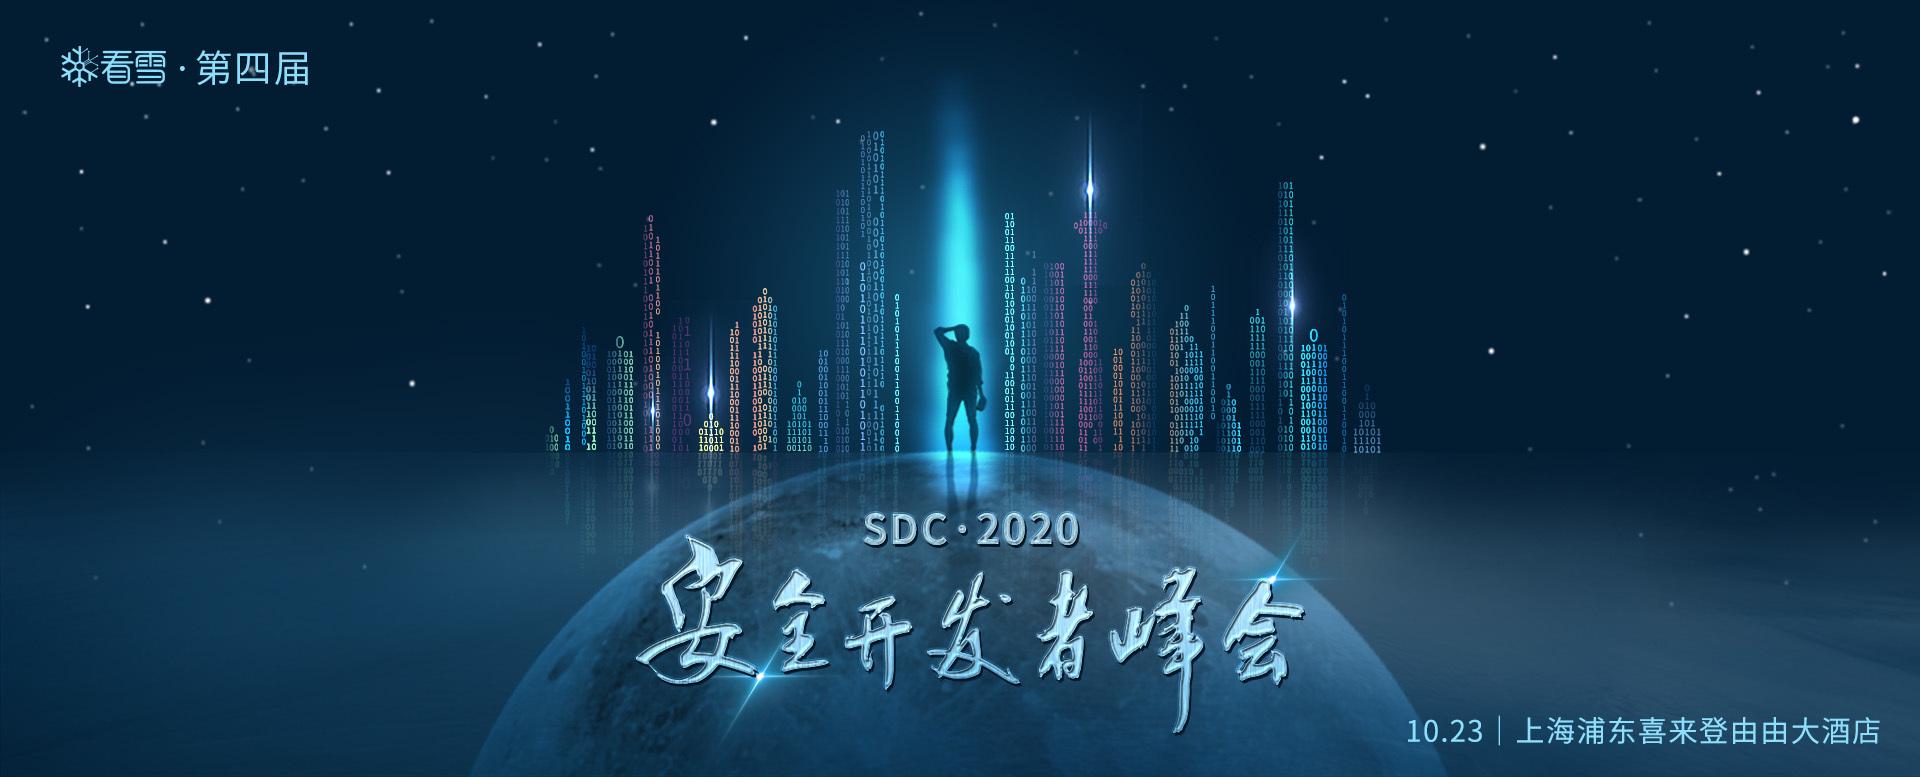 看雪2020安全开发者峰会(SDC 2020)